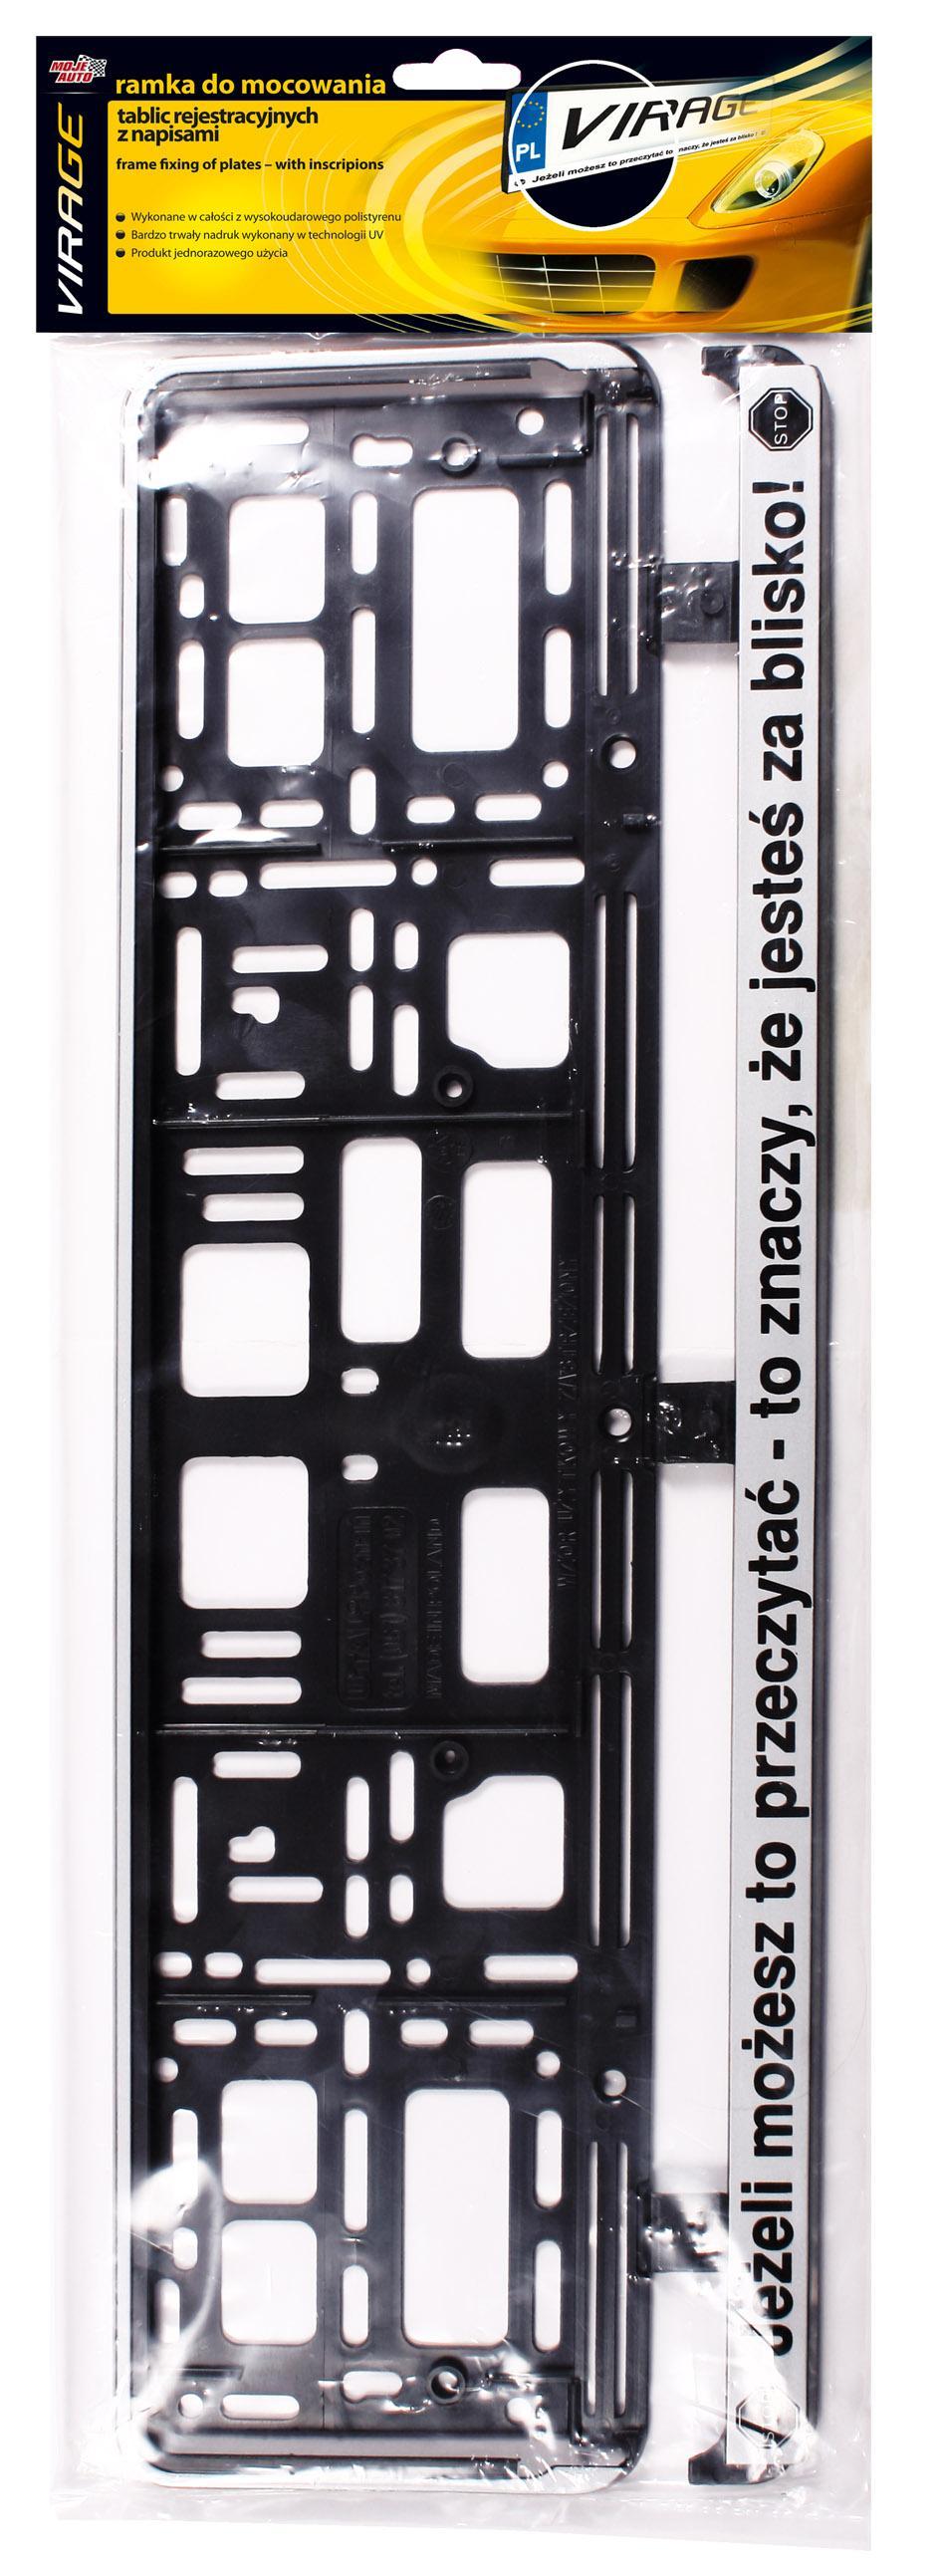 93002 Supporti per targhe auto VIRAGE 93-002 - Prezzo ridotto